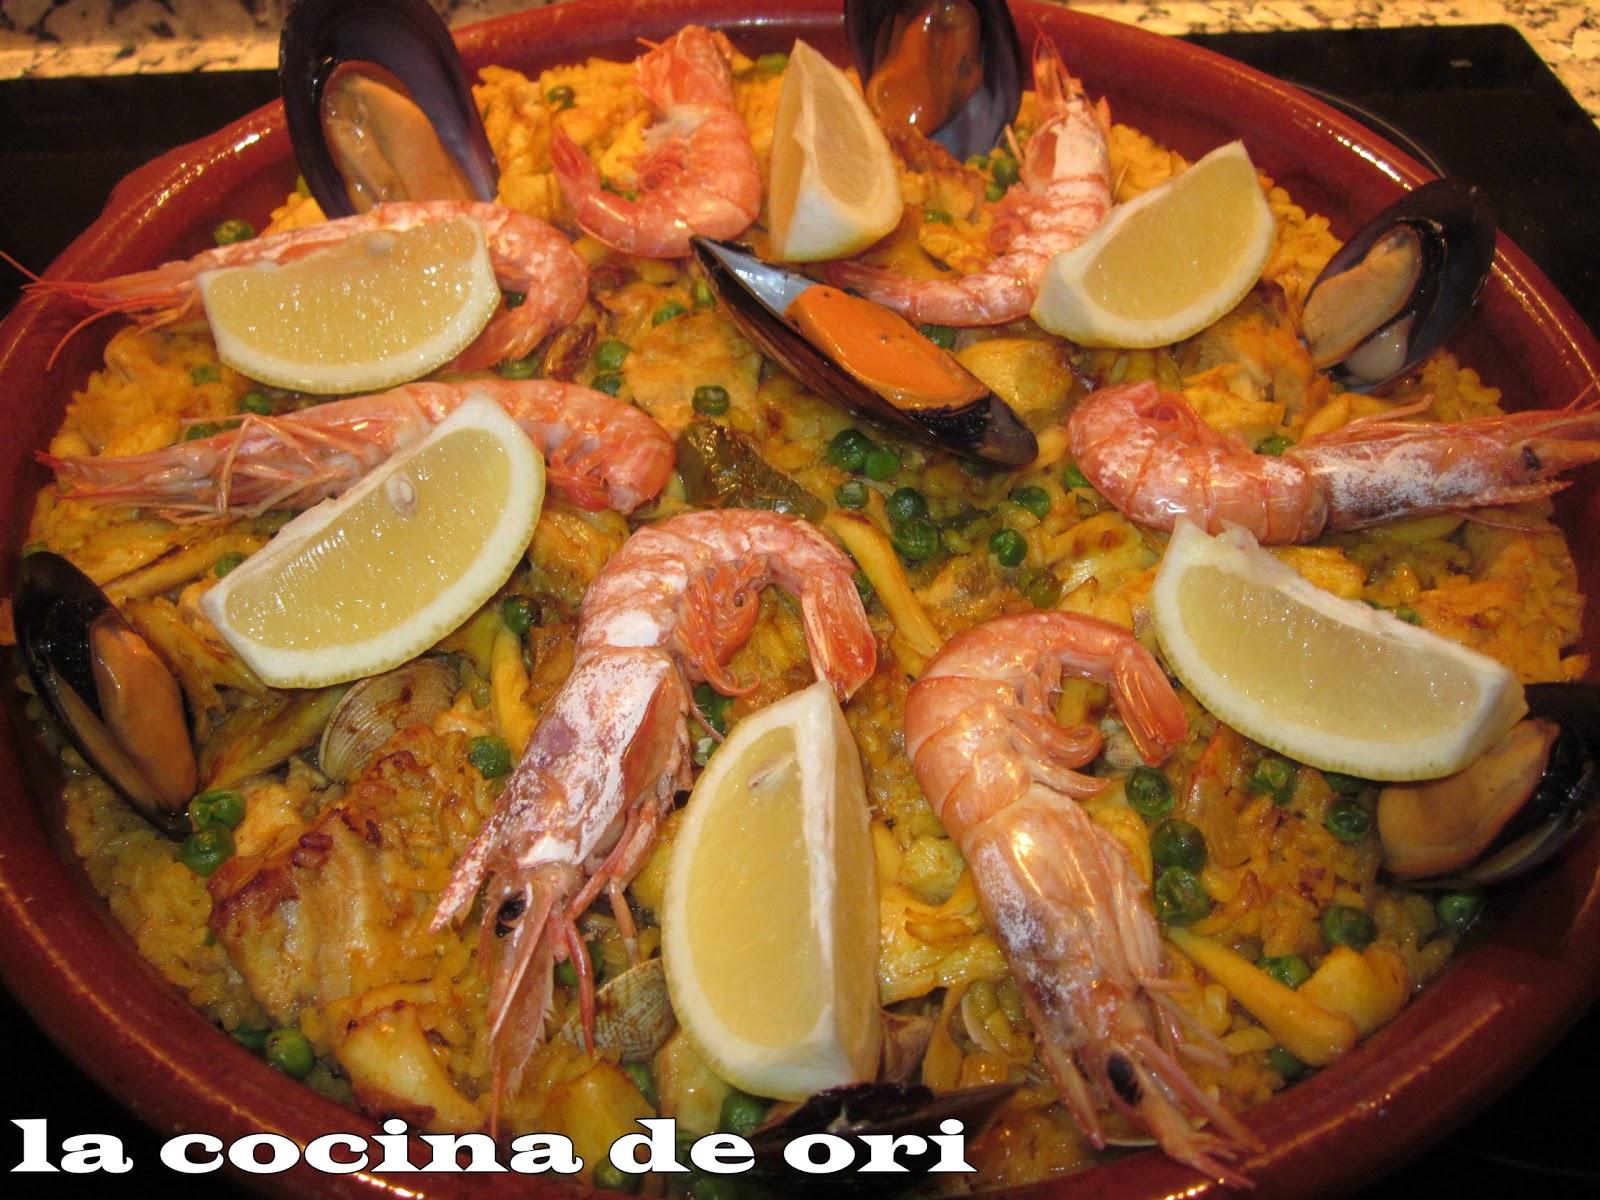 La cocina de ori paella de marisco al horno - Cocina al horno ...